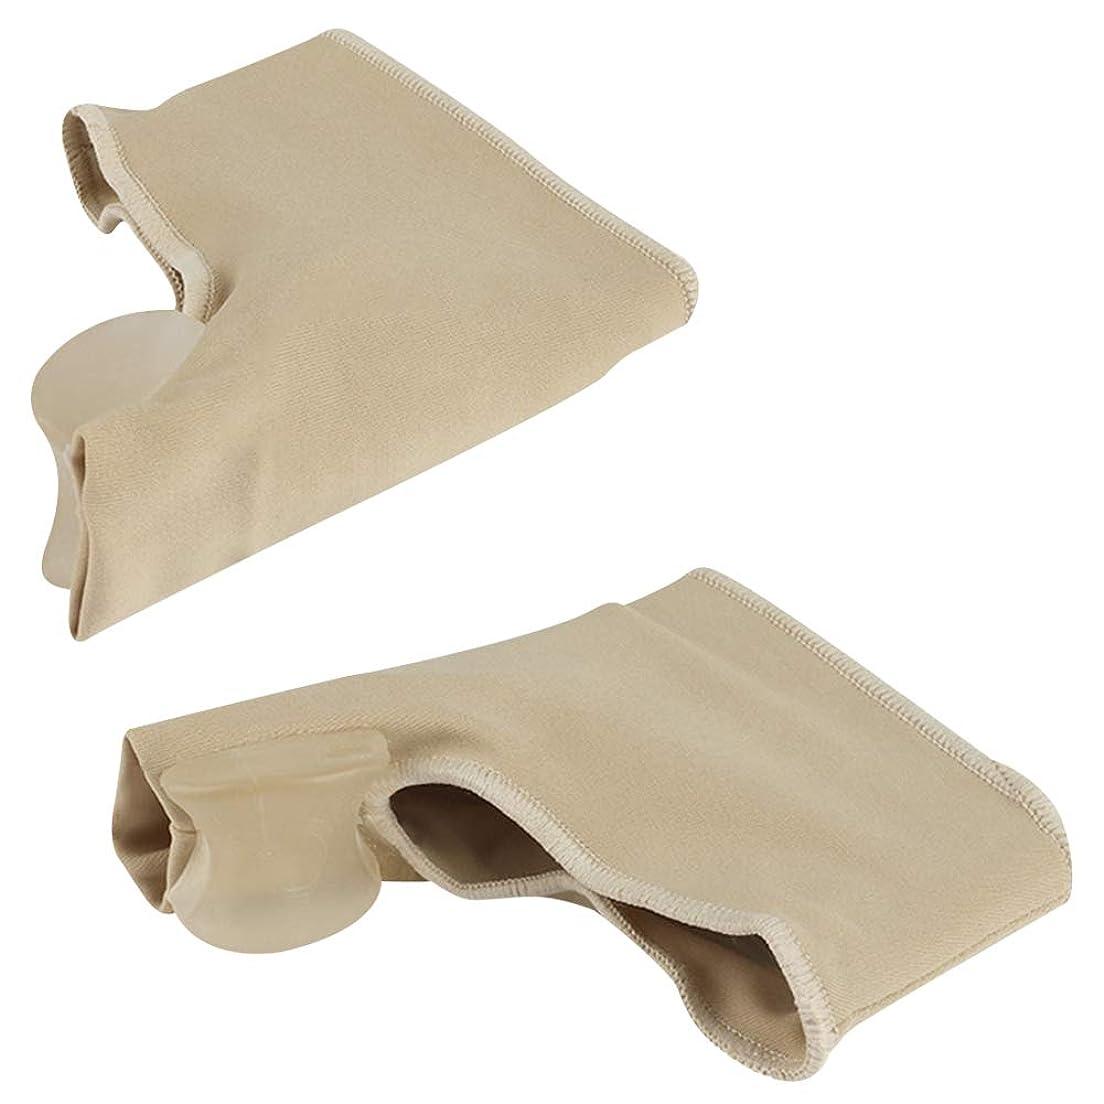 ねばねばいつか賢明なOUYOU 足指サポーター 足指を広げる 外反母趾 足指矯正パッド 血行促進 シリコン (M)